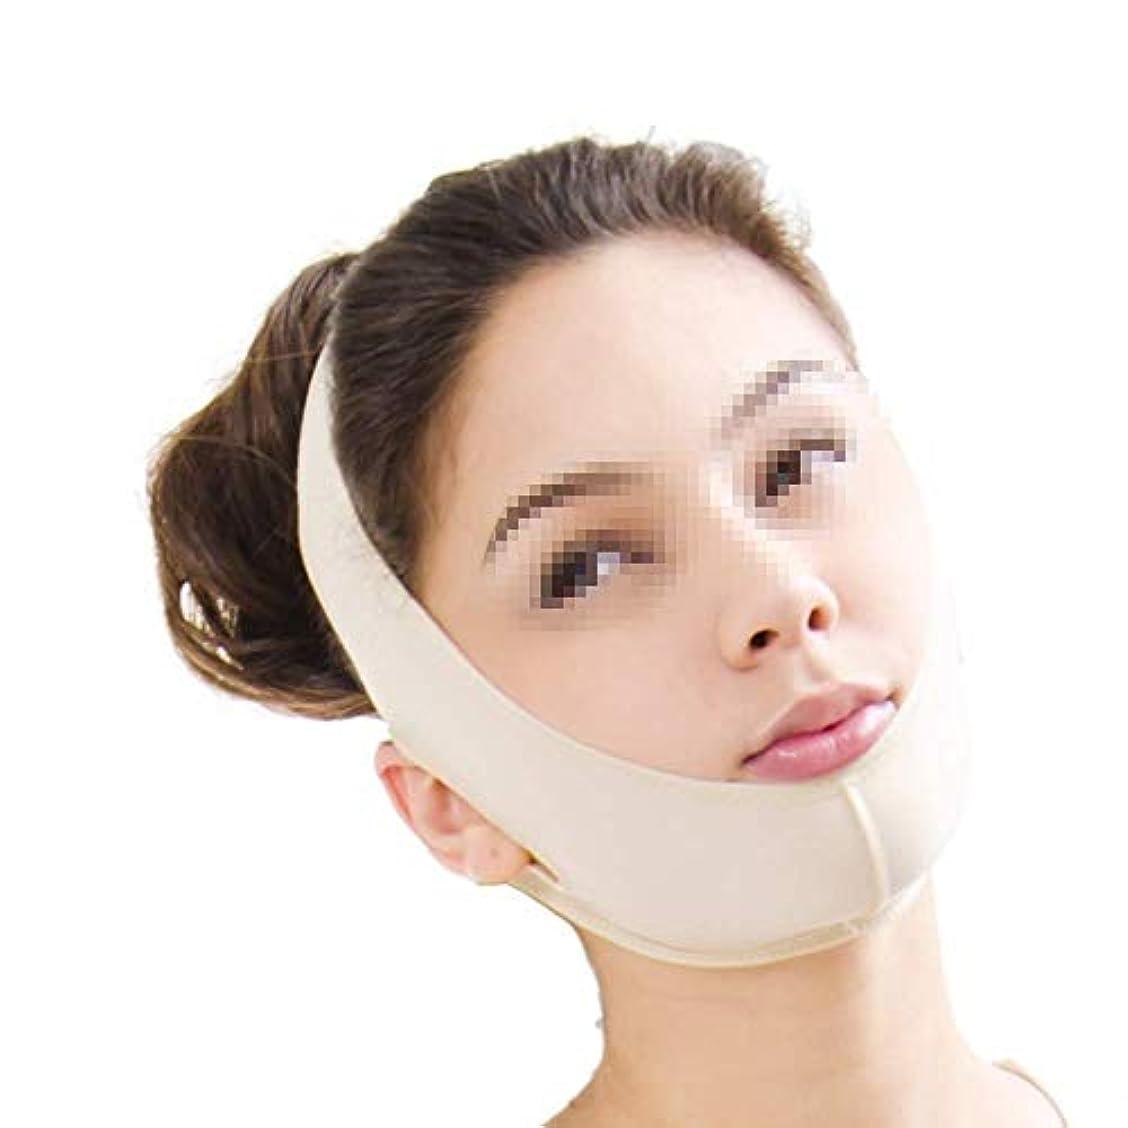 純粋な外部政治家のフェイスリフトマスク、顎顔面ダブルチン化粧品脂肪吸引後圧縮小顔包帯弾性ヘッドギア(サイズ:S)